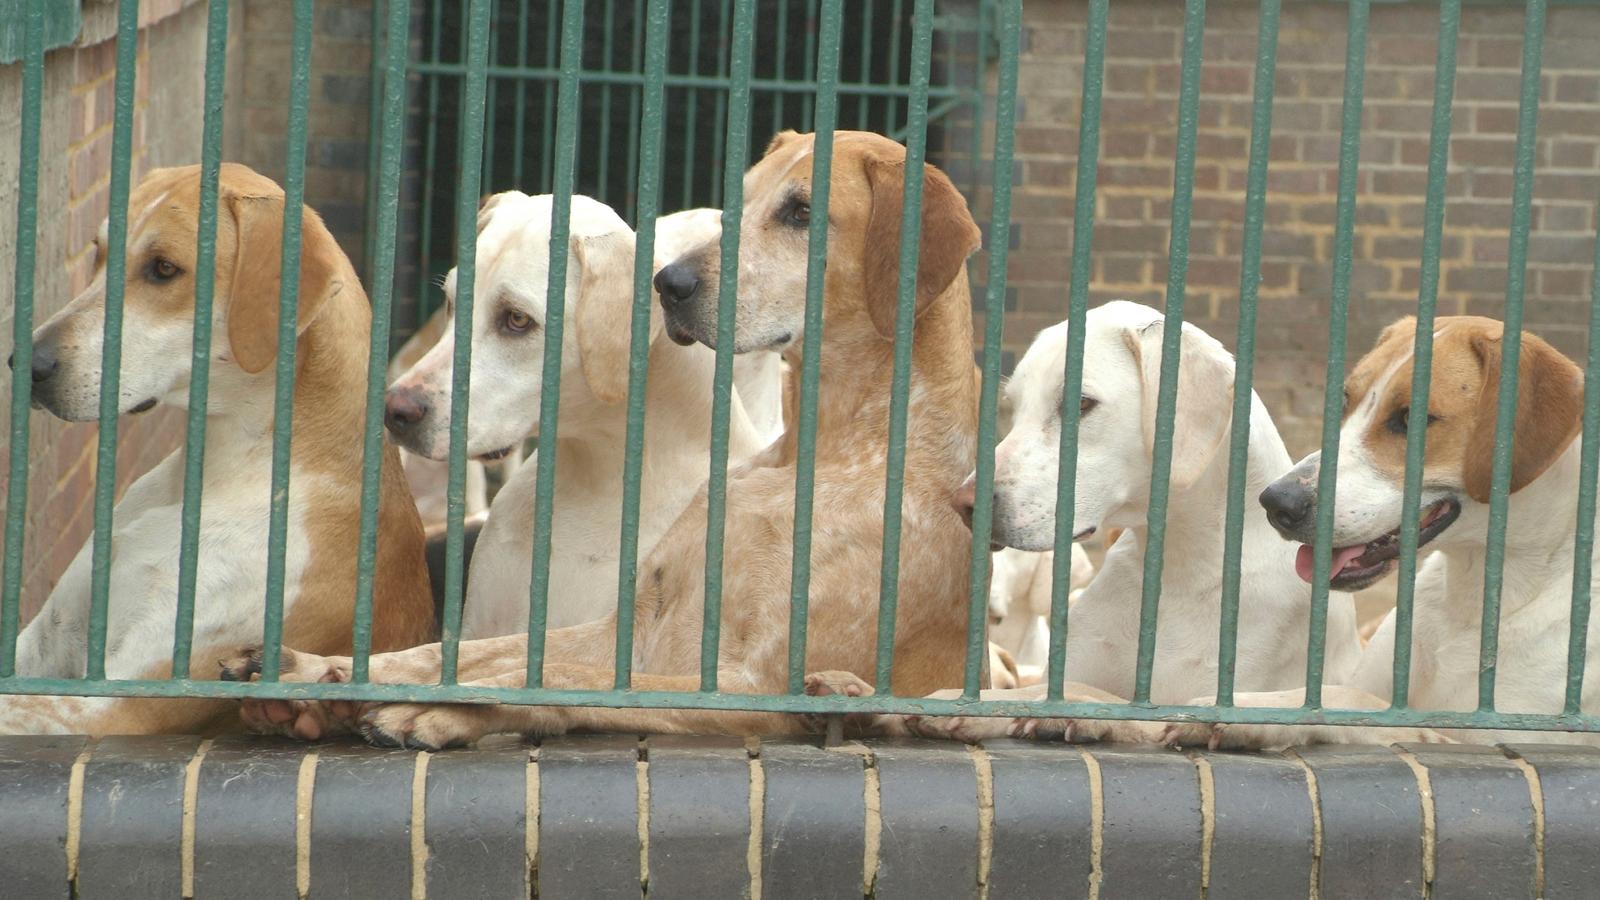 Ao fim de 15 dias sem serem reclamados pelos respetivos donos, os animais errantes passam a ser considerados abandonados e são encaminhados para adoção.